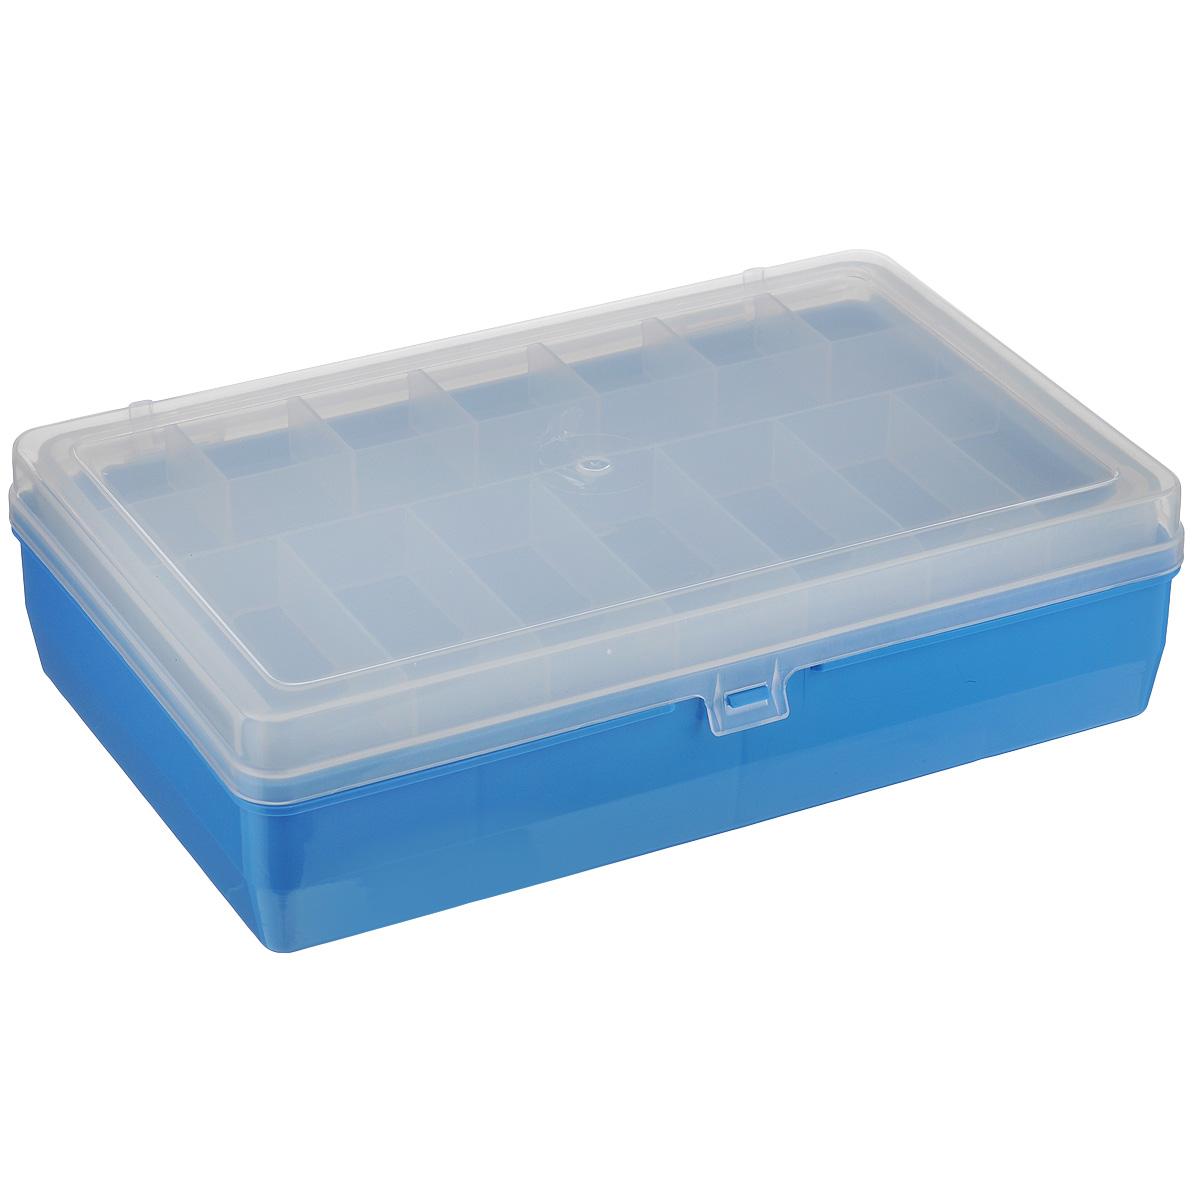 Коробка для мелочей Trivol, двухъярусная, цвет: голубой, 23,5 см х 15 см х 6,5 см23-3-15Двухъярусная коробка для мелочей Trivol изготовлена из высококачественного пластика. Прозрачная крышка позволяет видеть содержимое коробки. Изделие имеет два яруса. Верхний ярус представляет собой съемное отделение, в котором содержится 15 ячеек разной формы. Нижний ярус имеет 3 ячейки разного размера. Коробка прекрасно подойдет для хранения швейных принадлежностей, рыболовных снастей, мелких деталей и других бытовых мелочей. Удобный и надежный замок-защелка обеспечивает надежное закрывание крышки. Коробка легко моется и чистится. Такая коробка поможет держать вещи в порядке.